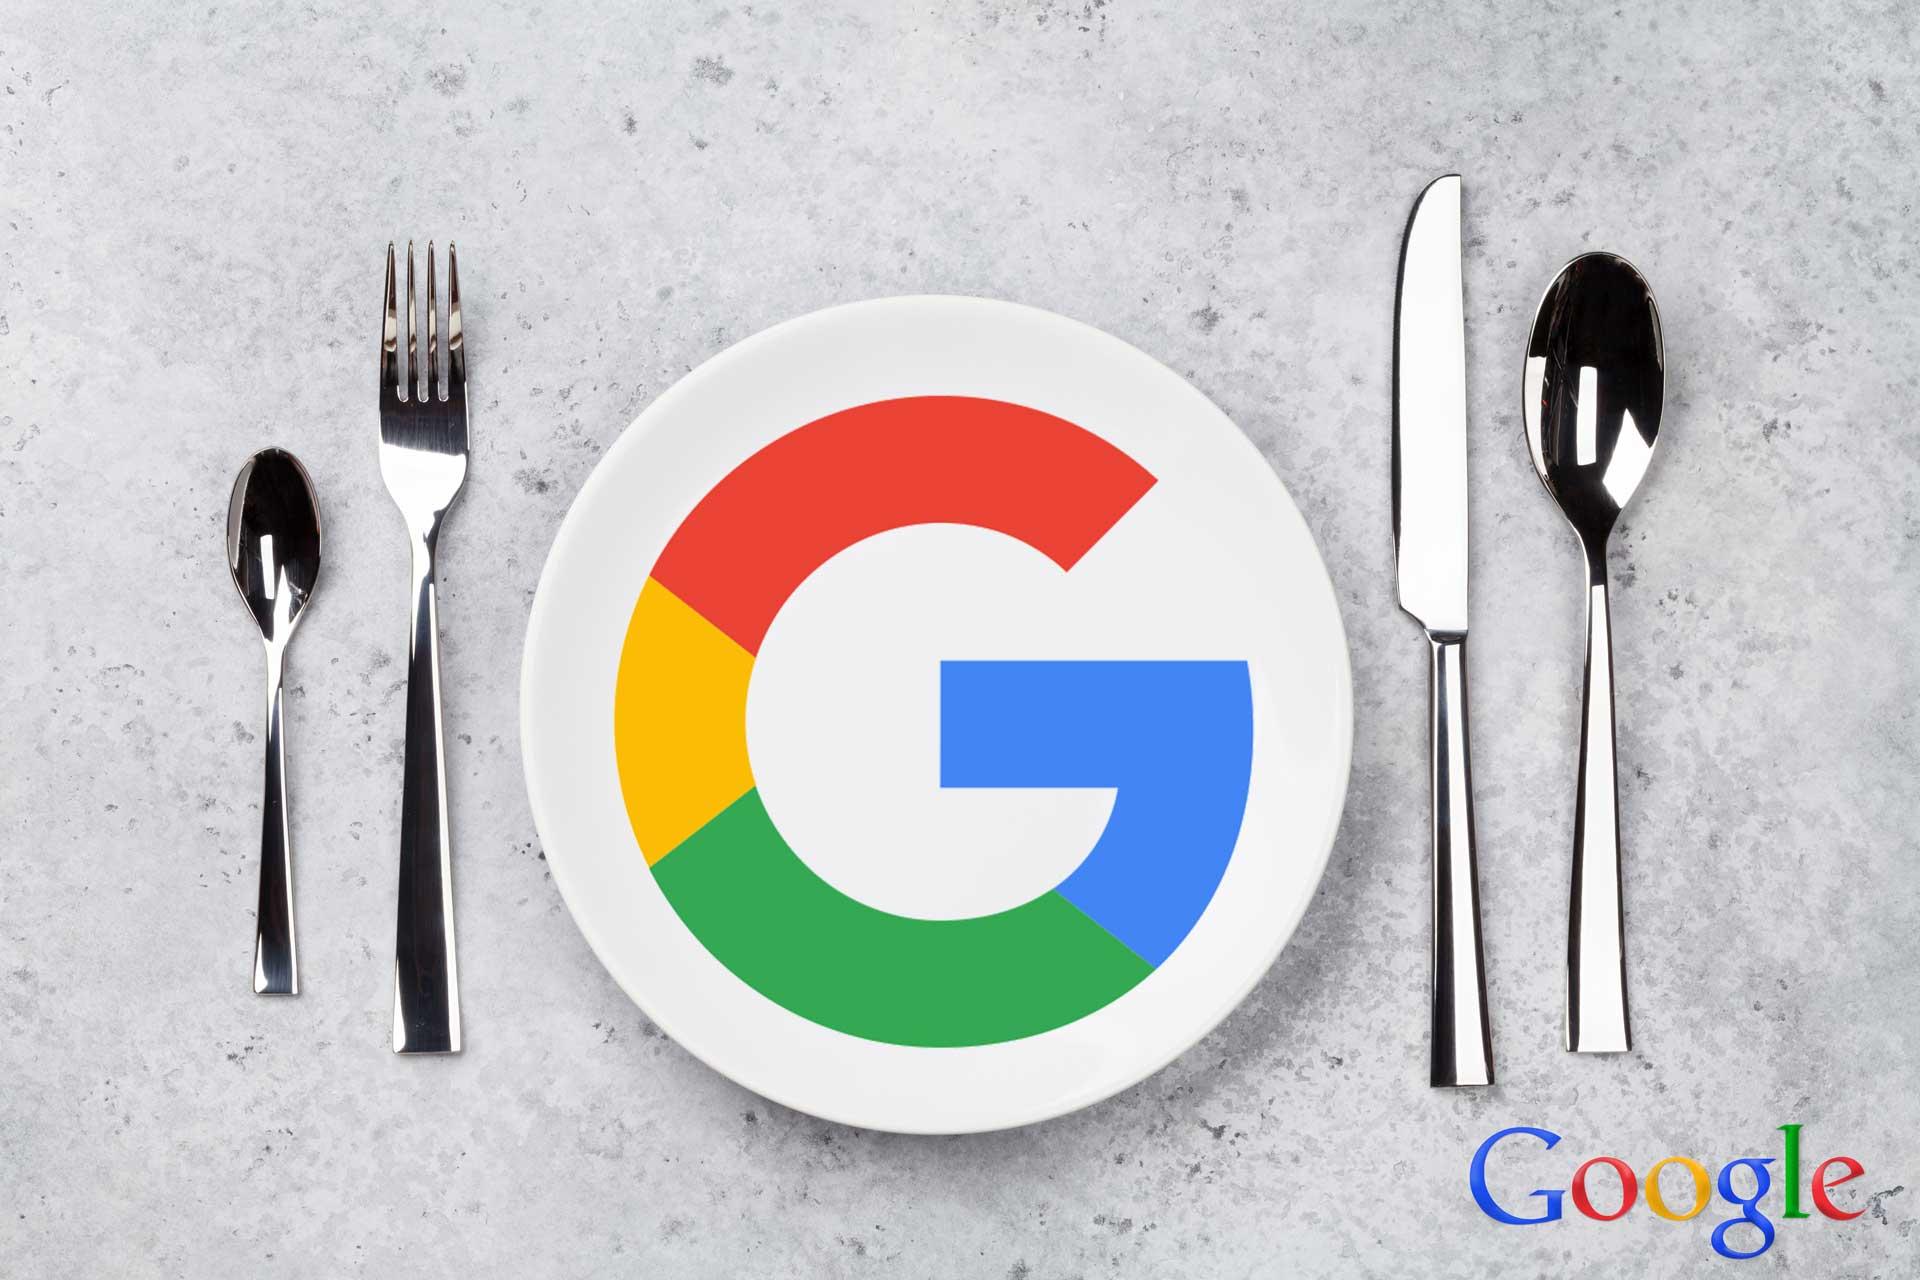 Wszystko co powinniśmy wiedzieć oAlgorytmie Google